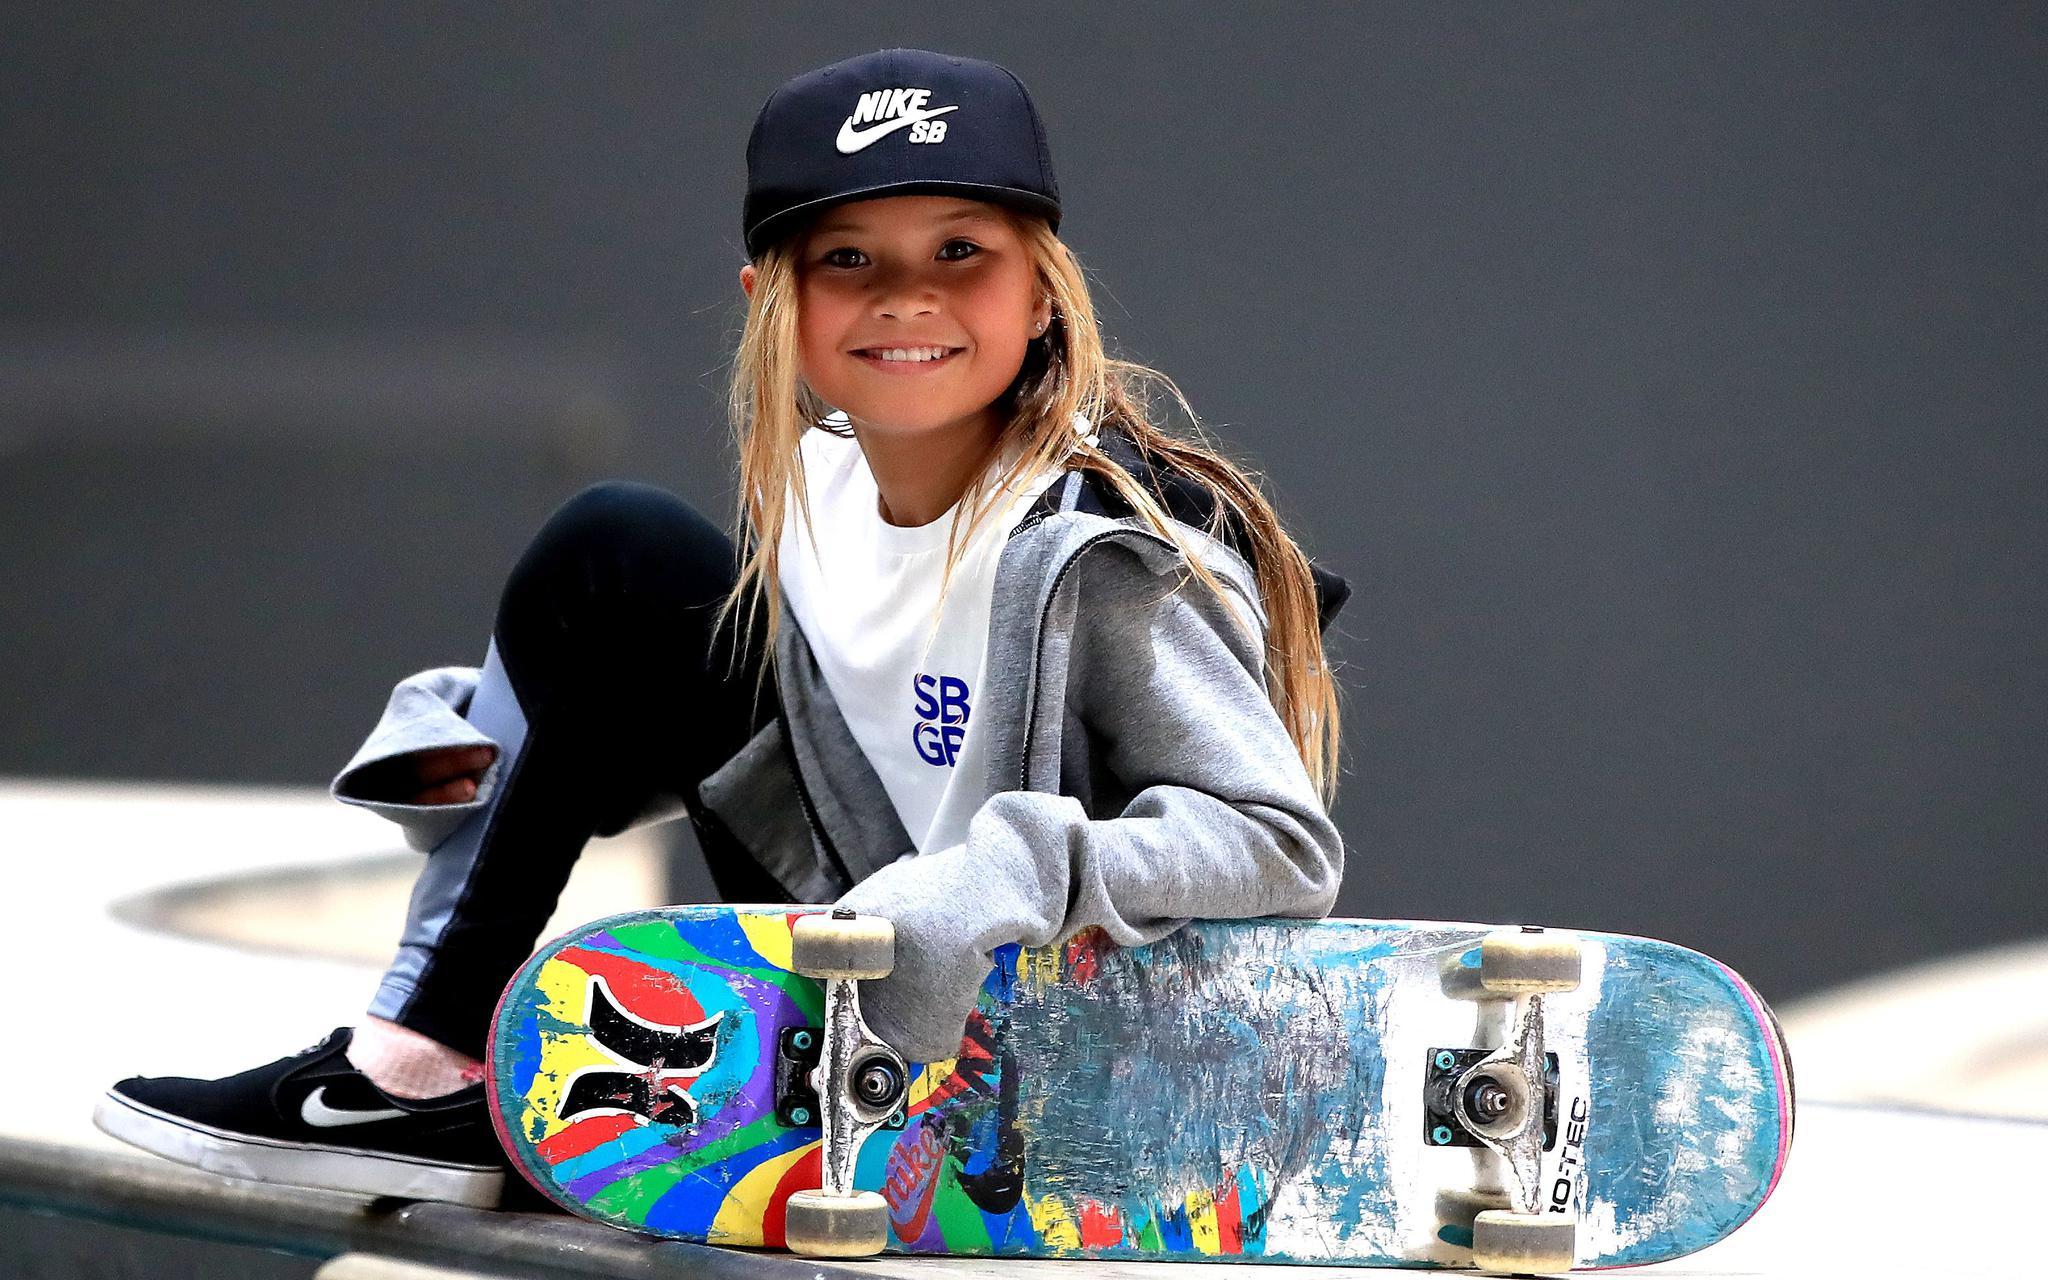 滑板奥运资格赛延长13个月 积分赛事缩至6站